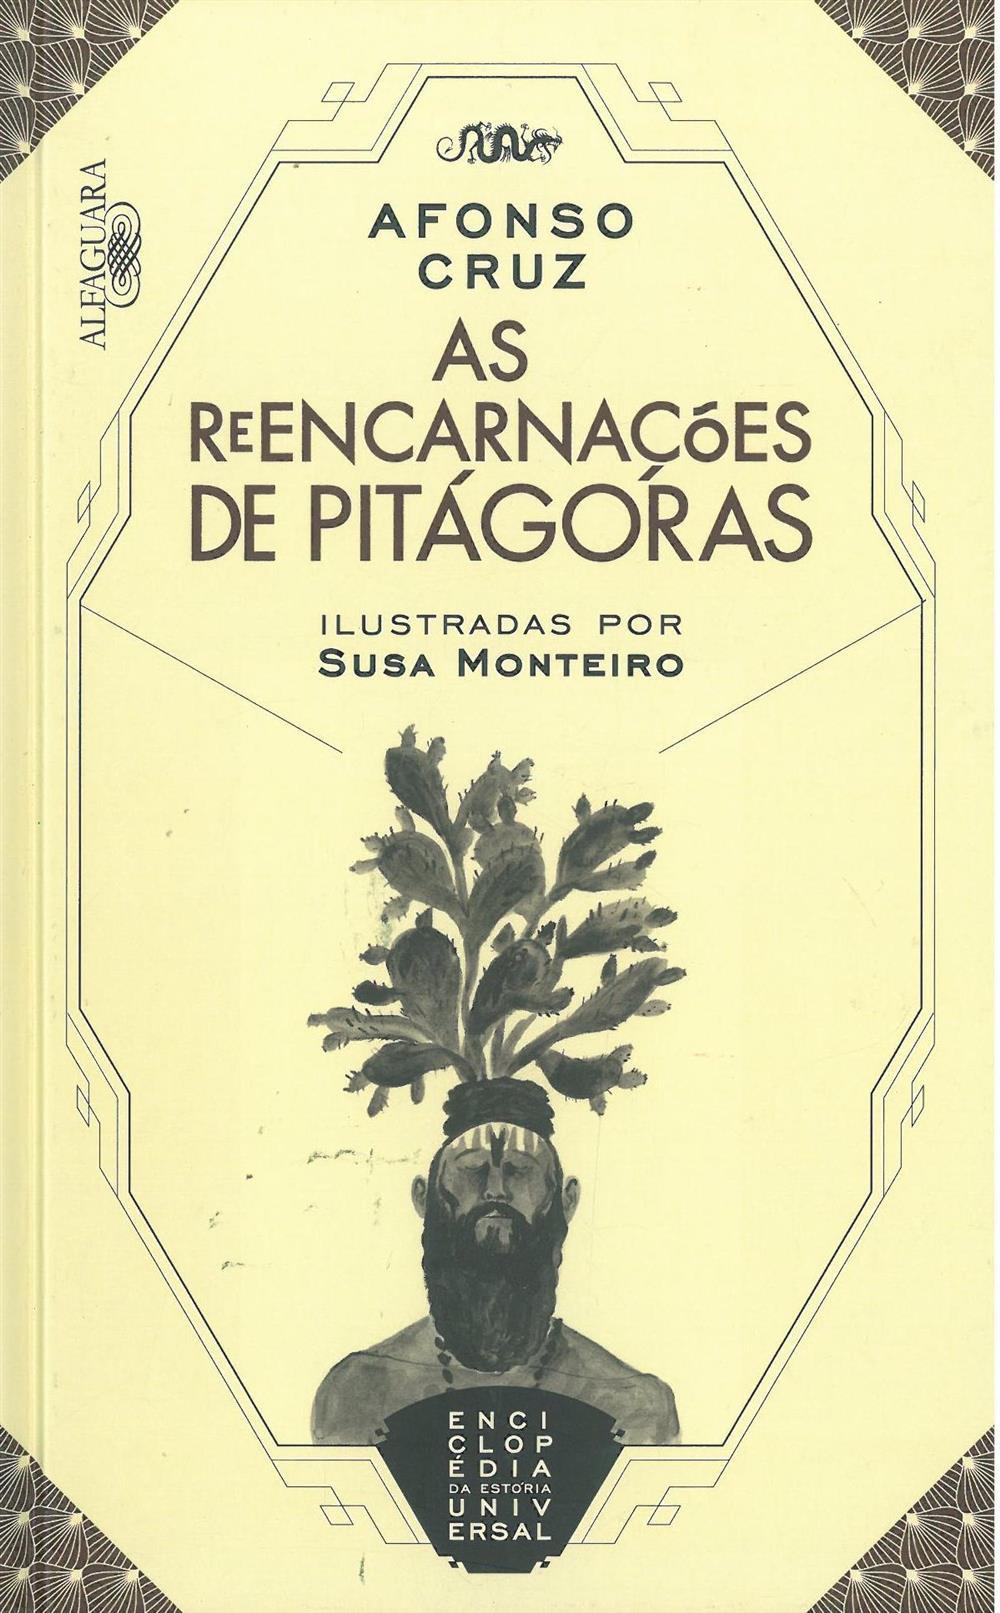 As reencarnações de Pitágoras_.jpg